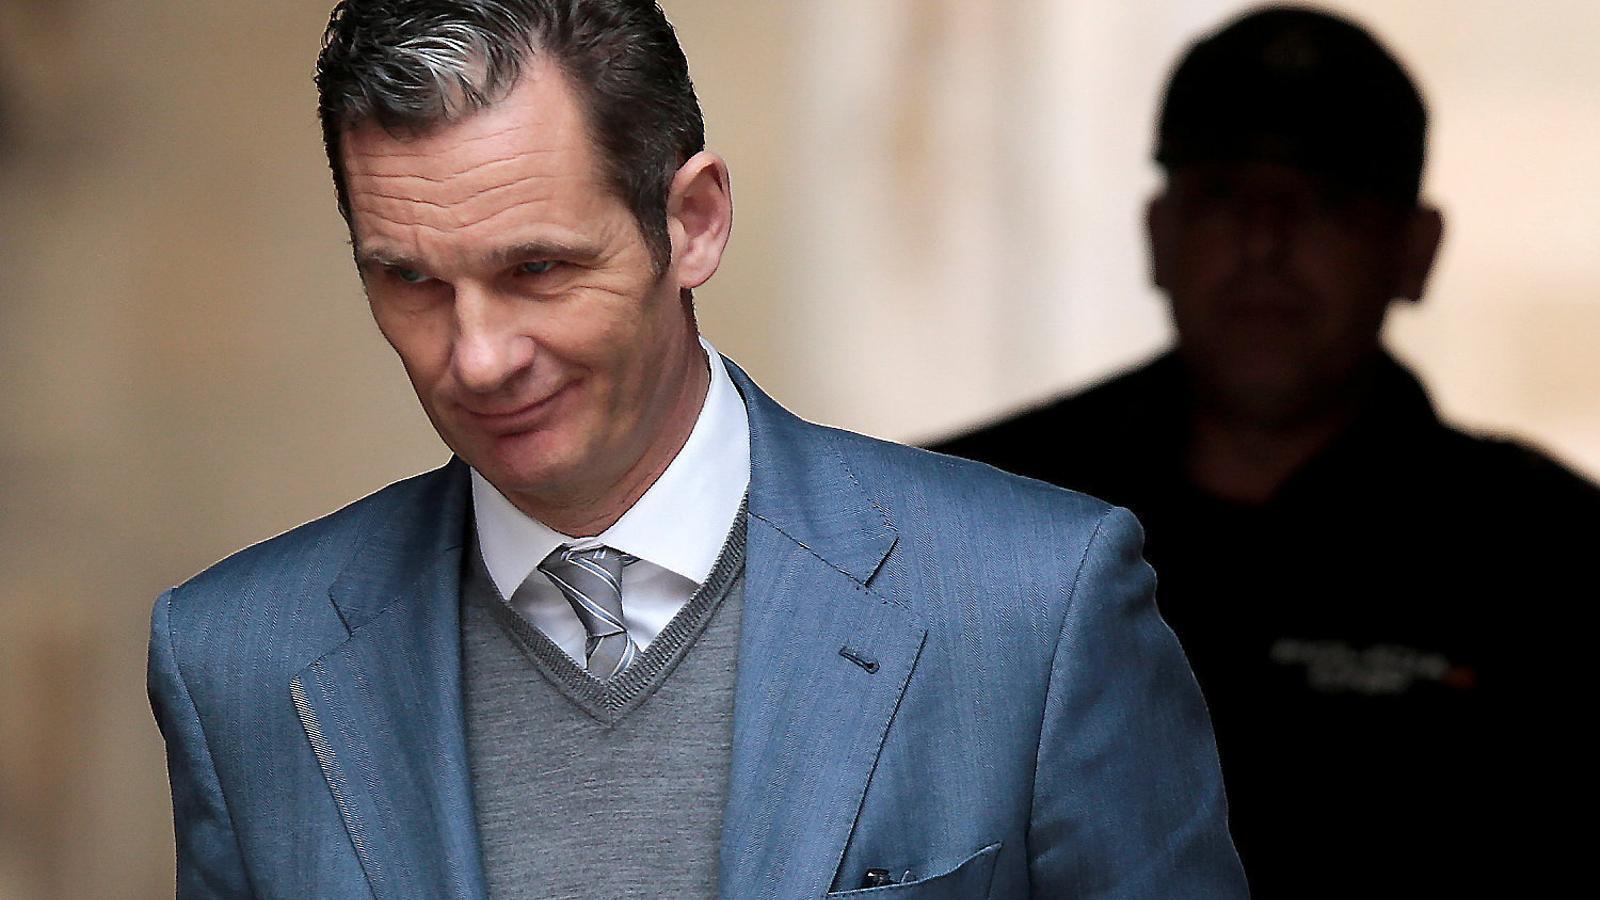 Urdangarin ja ha arribat a Palma per recollir l'ordre d'ingrés a la presó